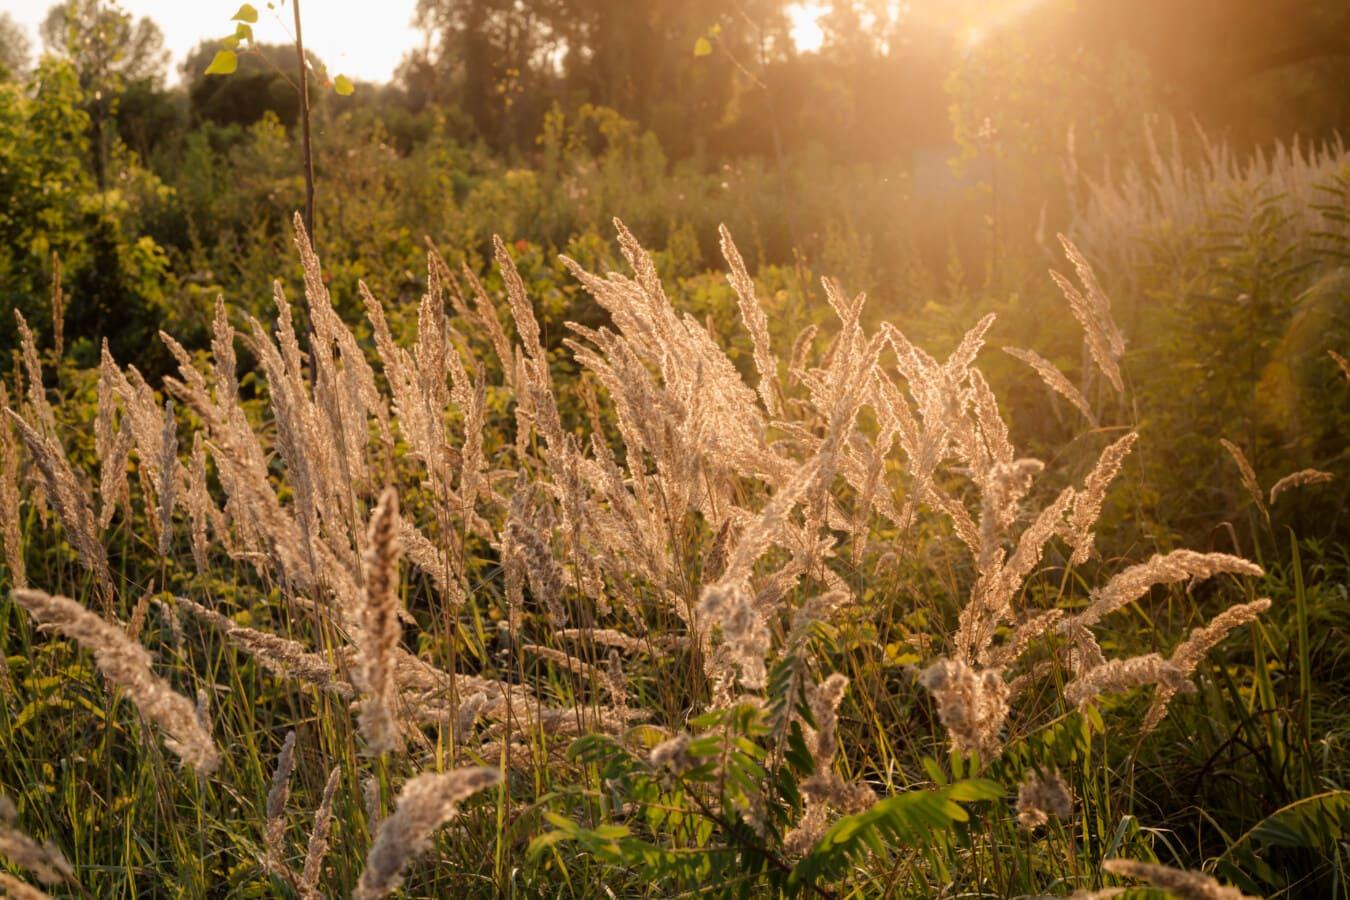 græsklædte, plante, græsplanter, solens stråler, græsarealer, græs, ukrudt, løv, natur, landskab